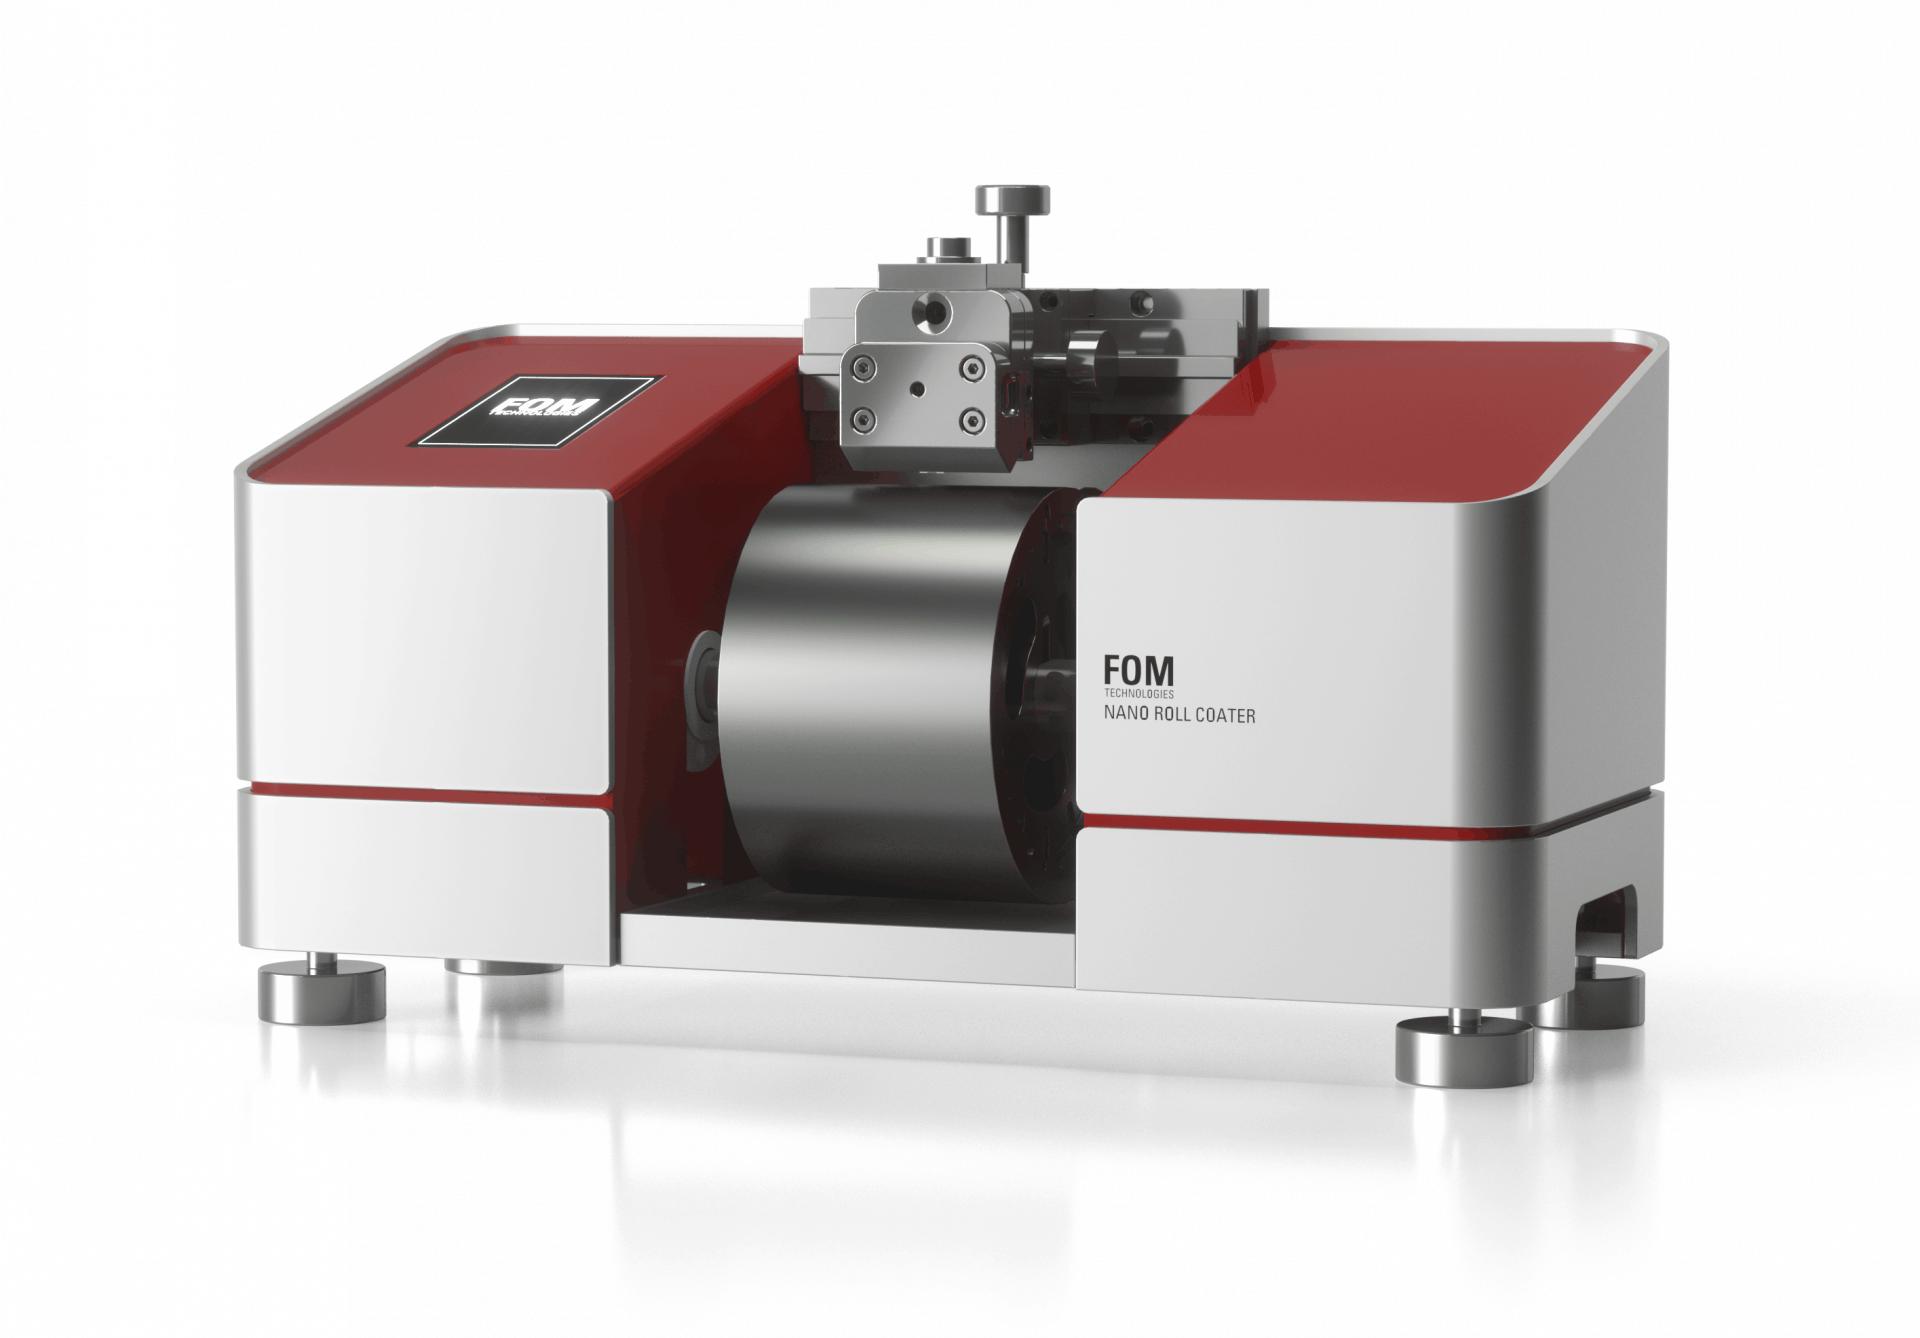 Coating manufacturer, Nano roll coater